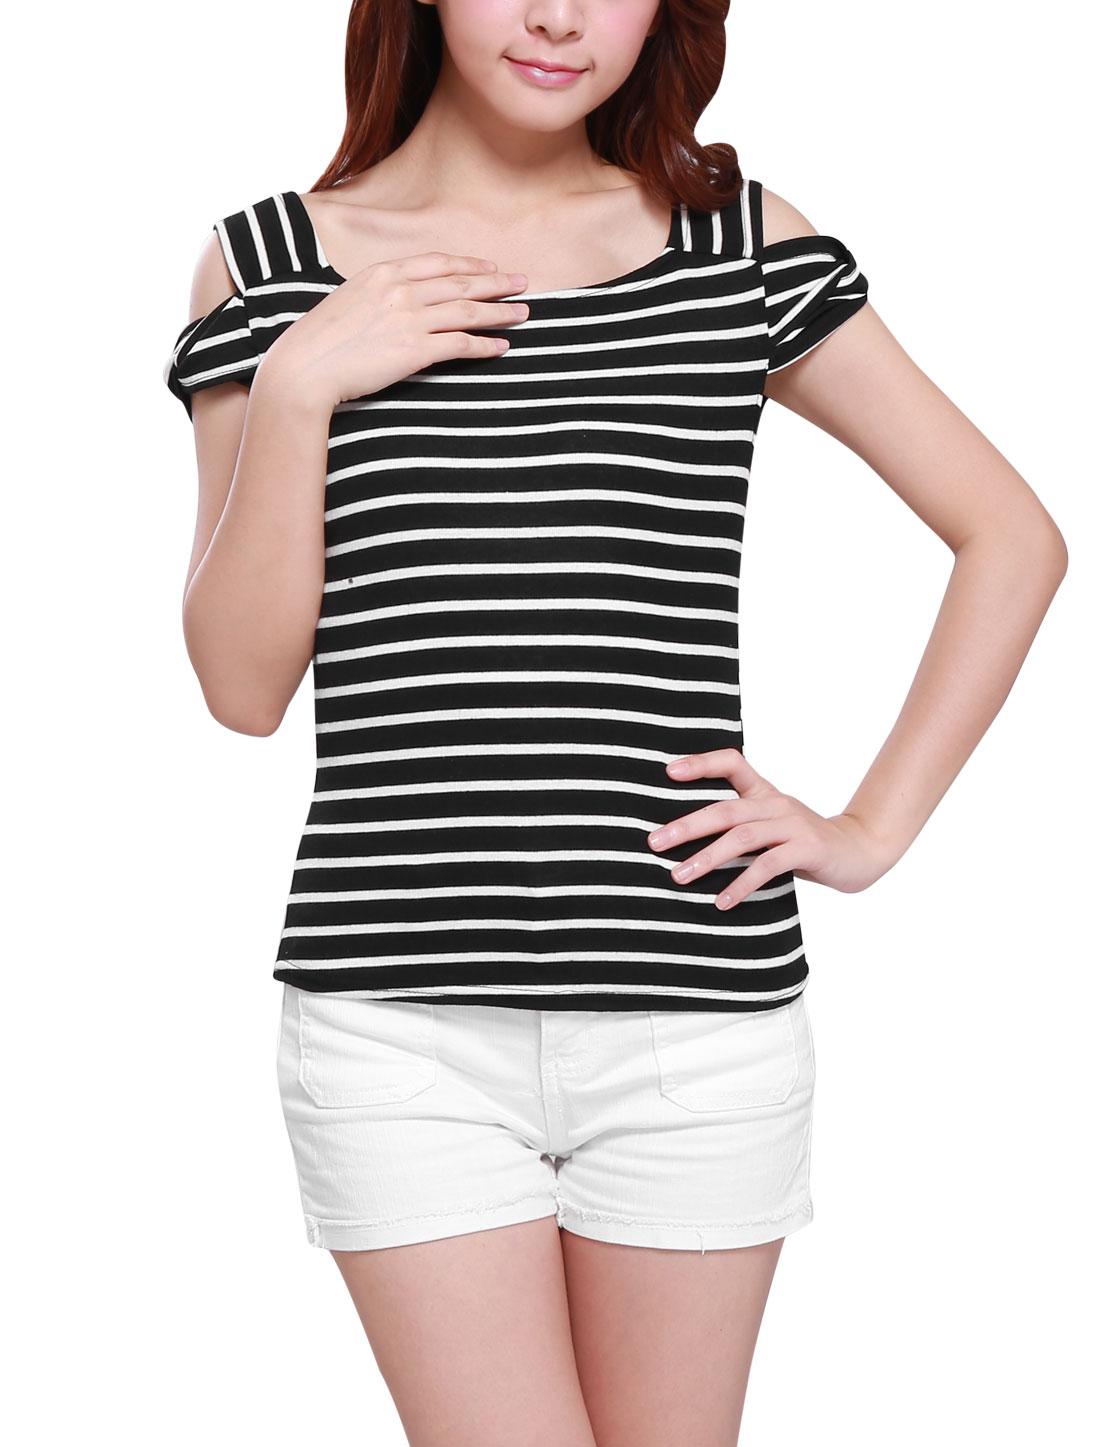 Women Sqaure Neckline Cut Out Shoulder Stripes Slim Fit Knit Top Black White XS